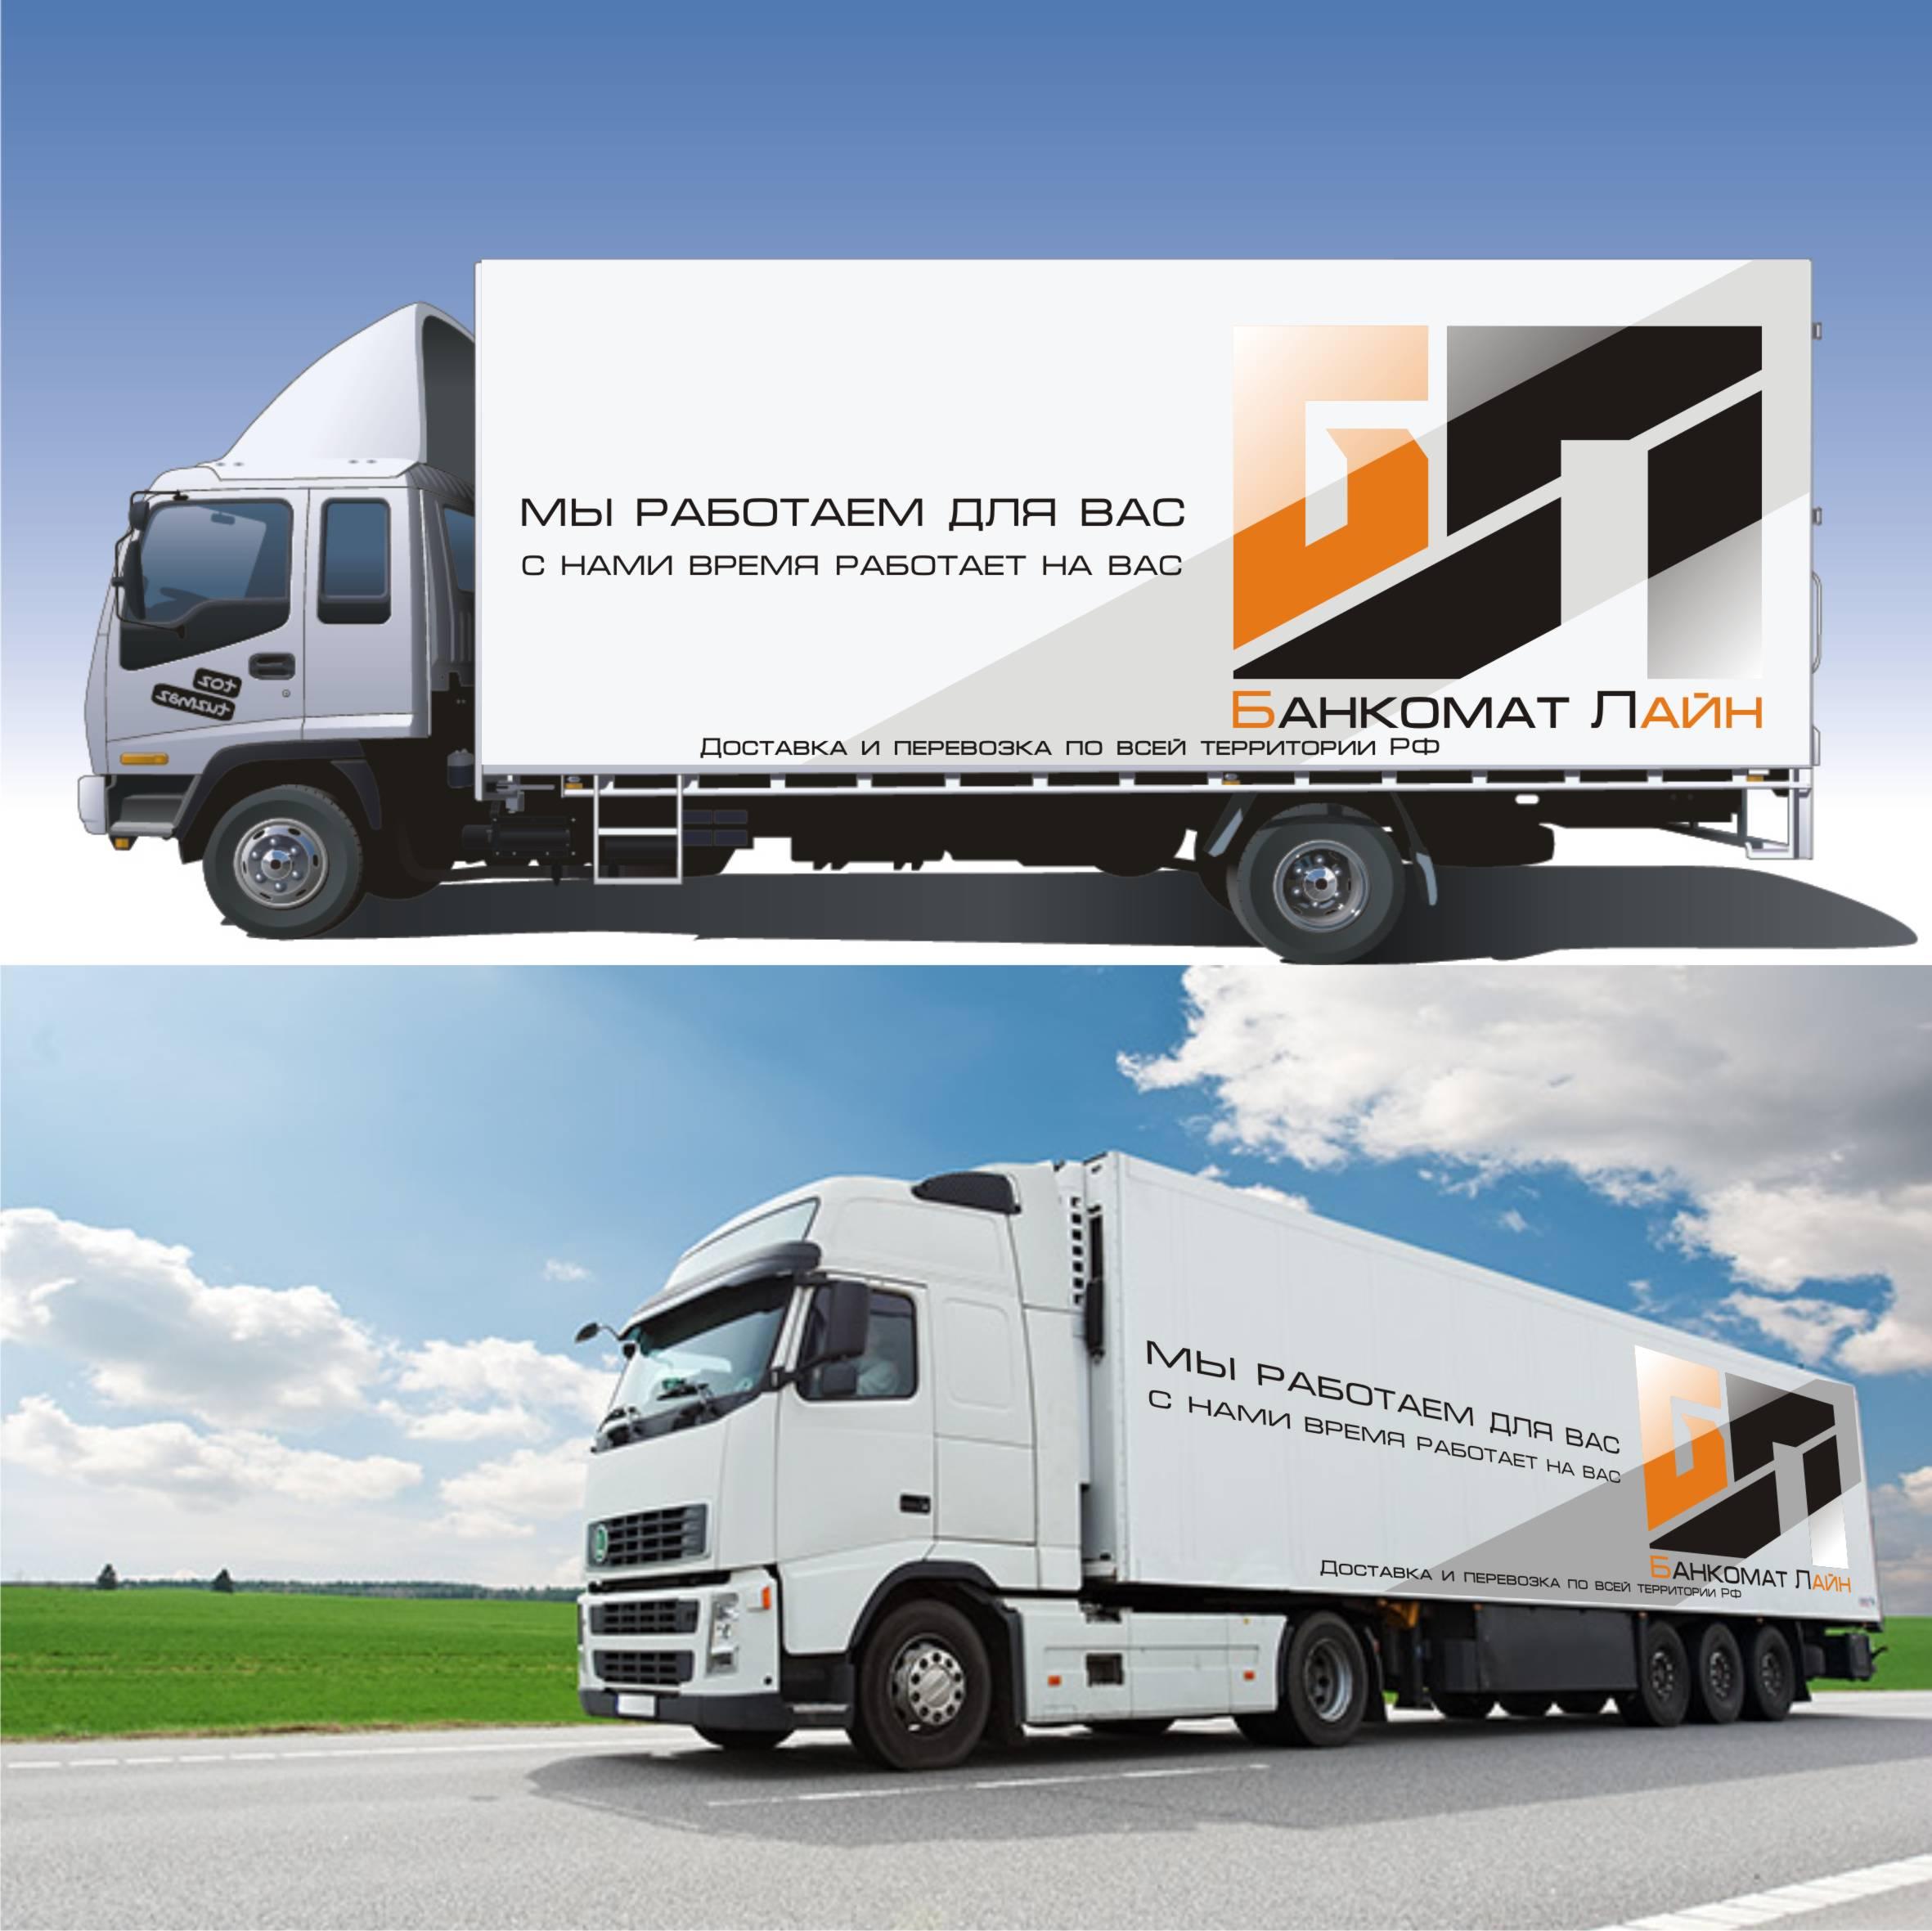 Разработка логотипа и слогана для транспортной компании фото f_620587890651b5ec.jpg